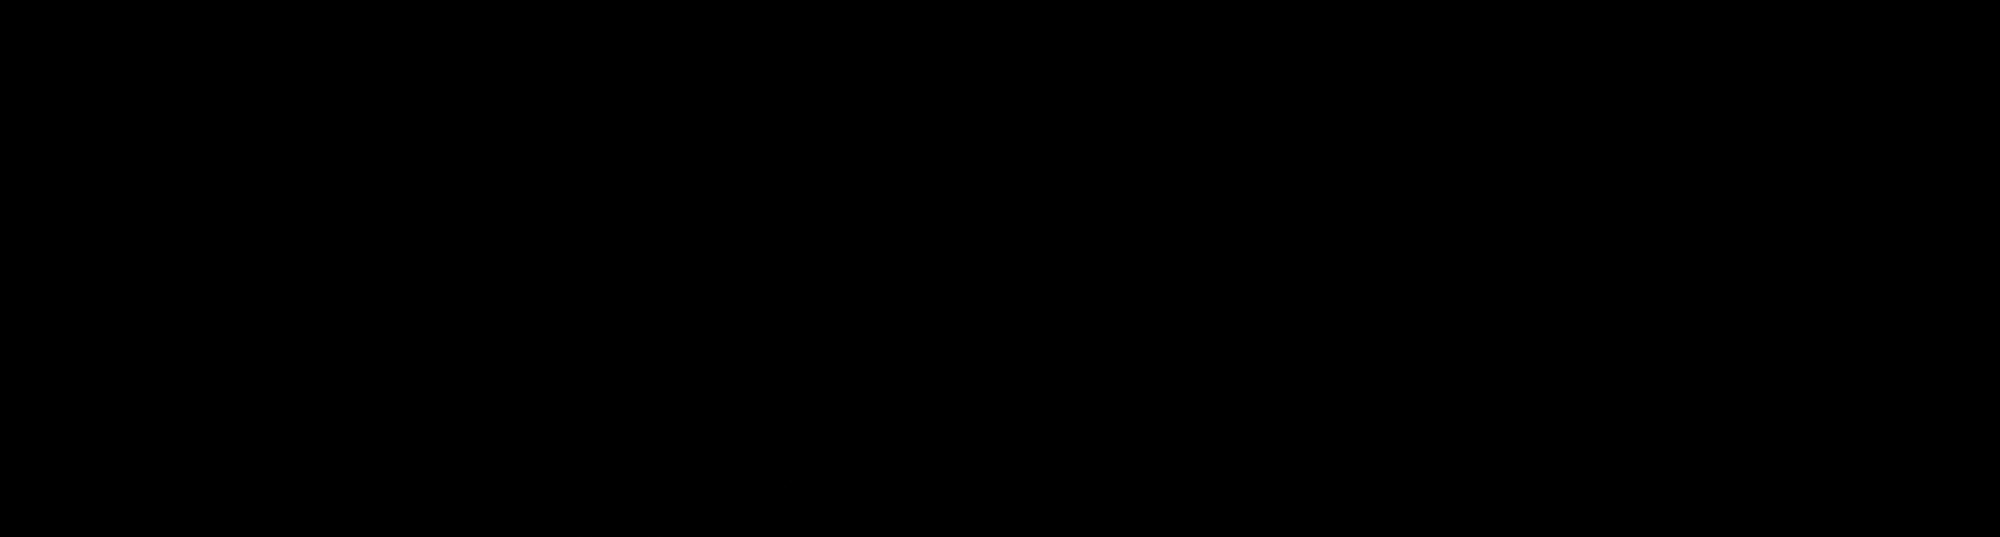 Dimmed Vs Perceived Light News Luma Lighting Design